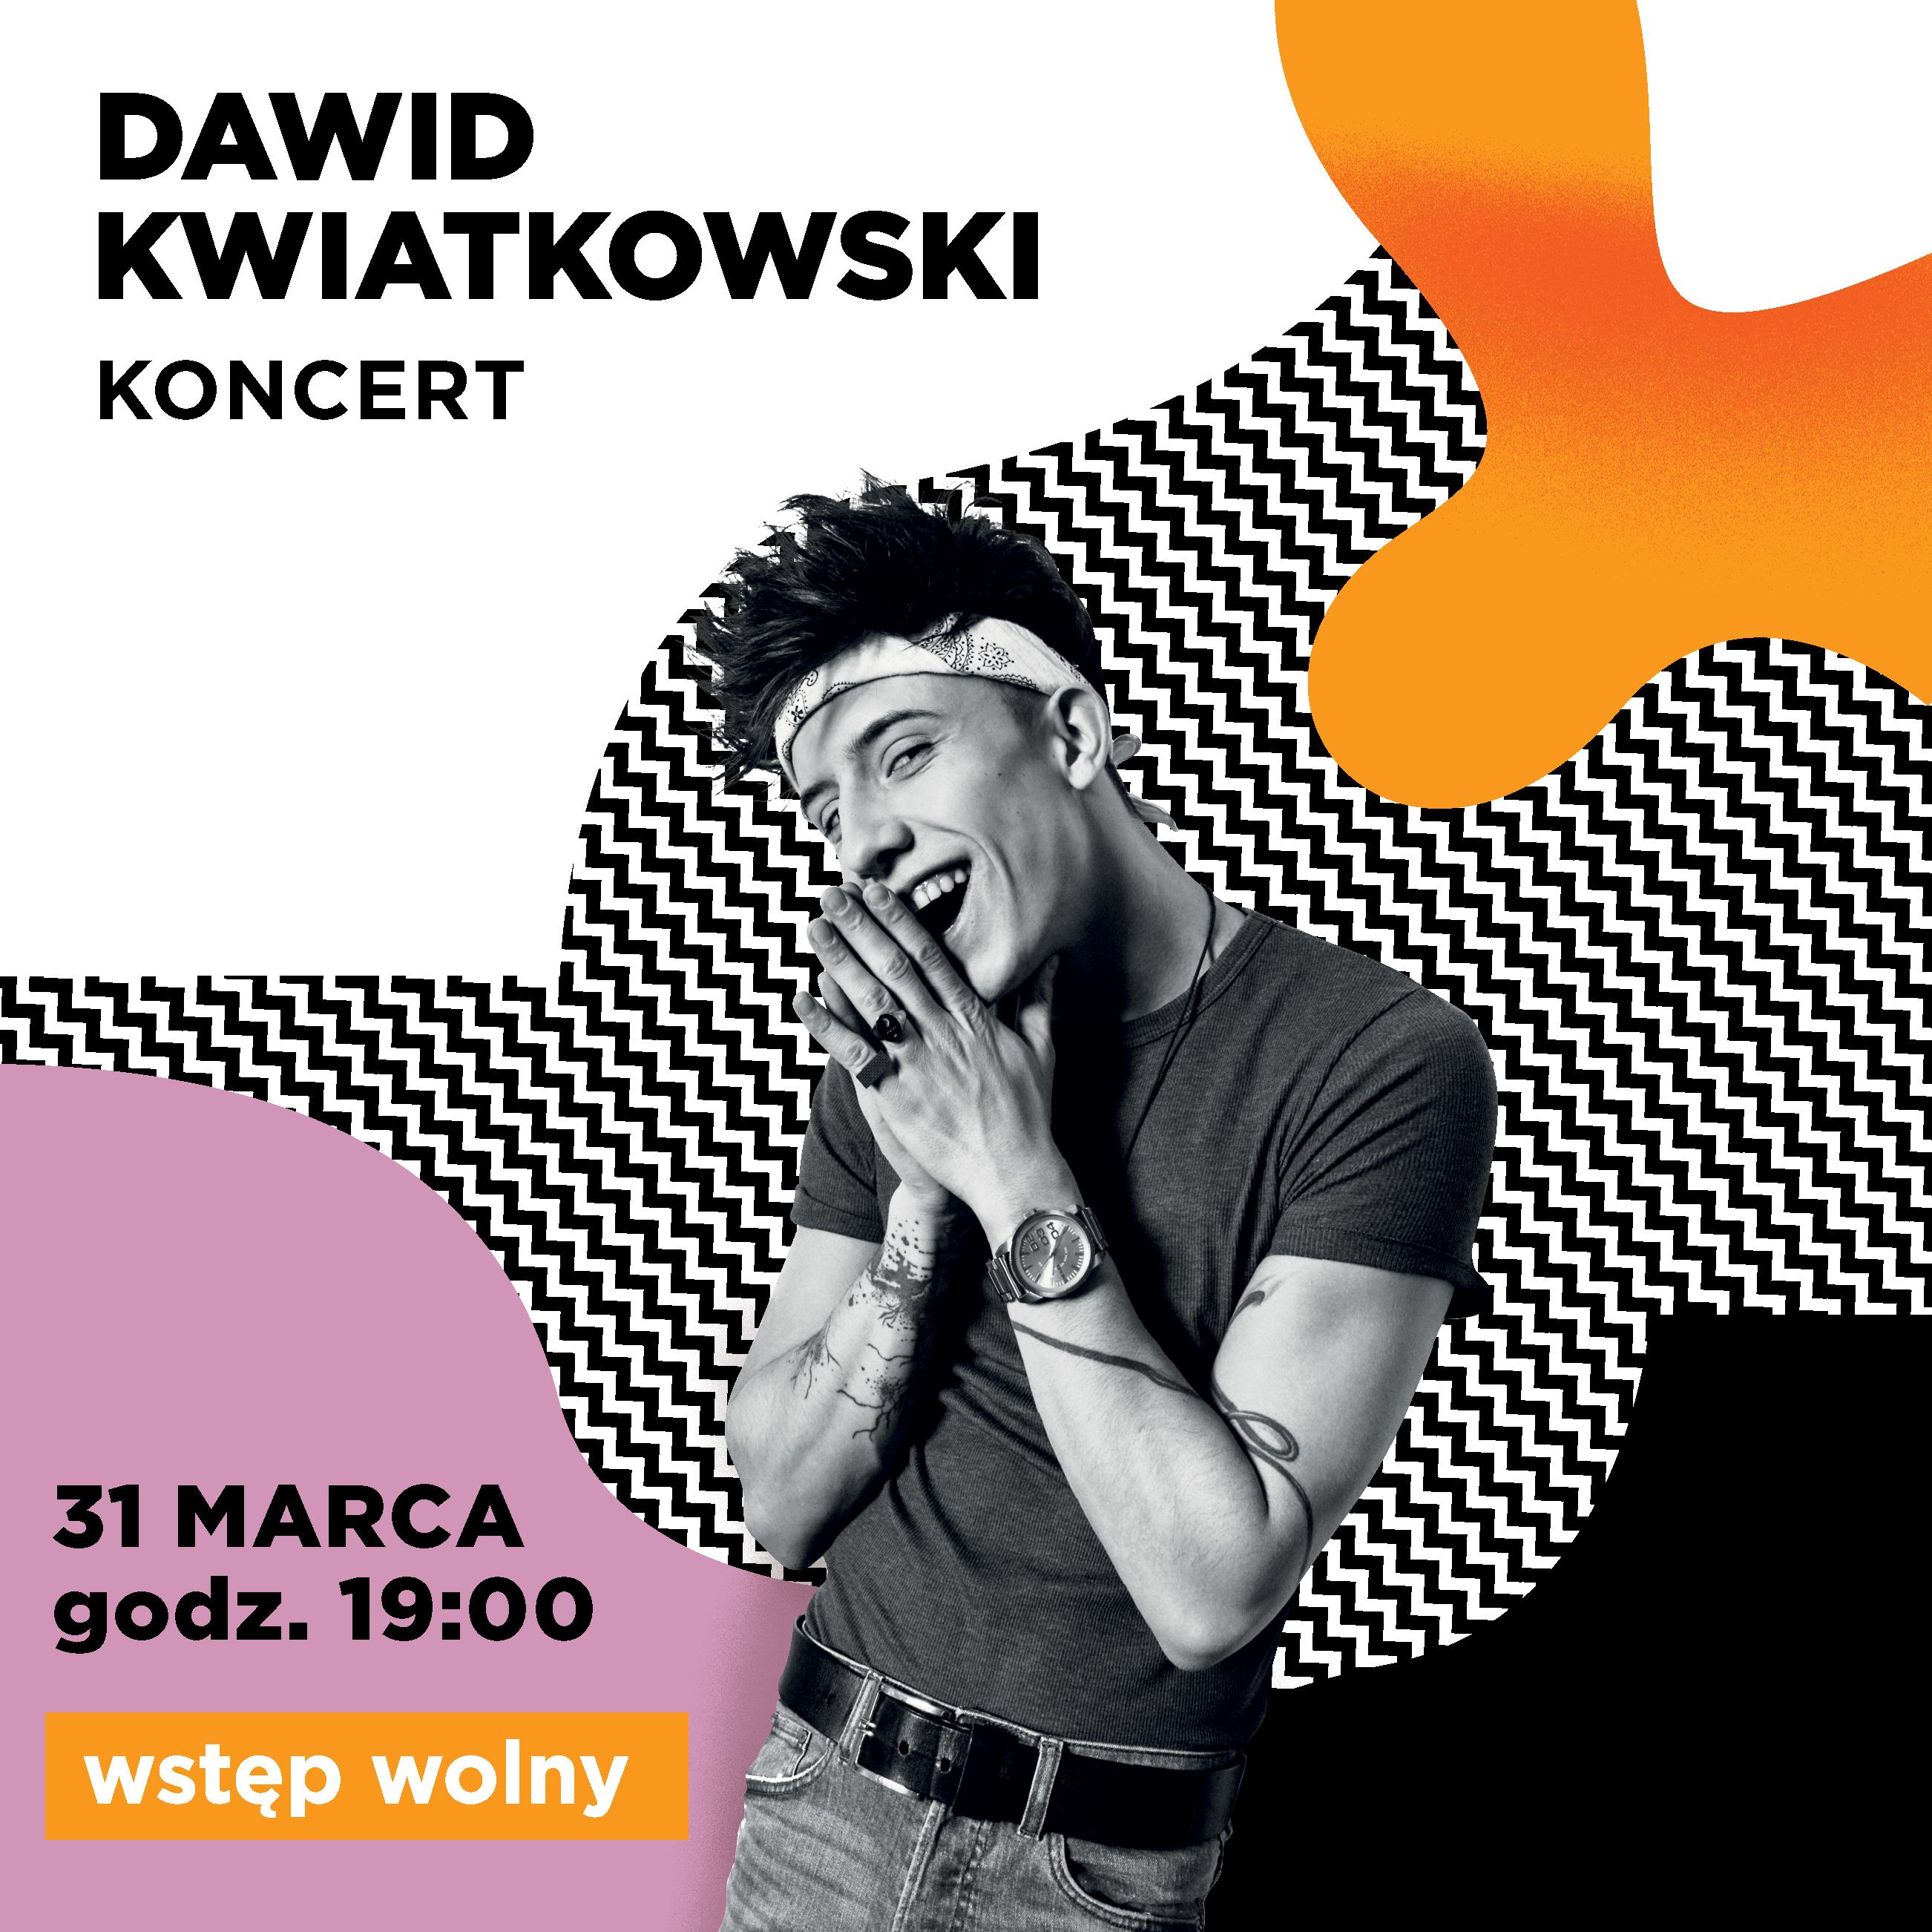 Koncert Dawida Kwiatkowskiego